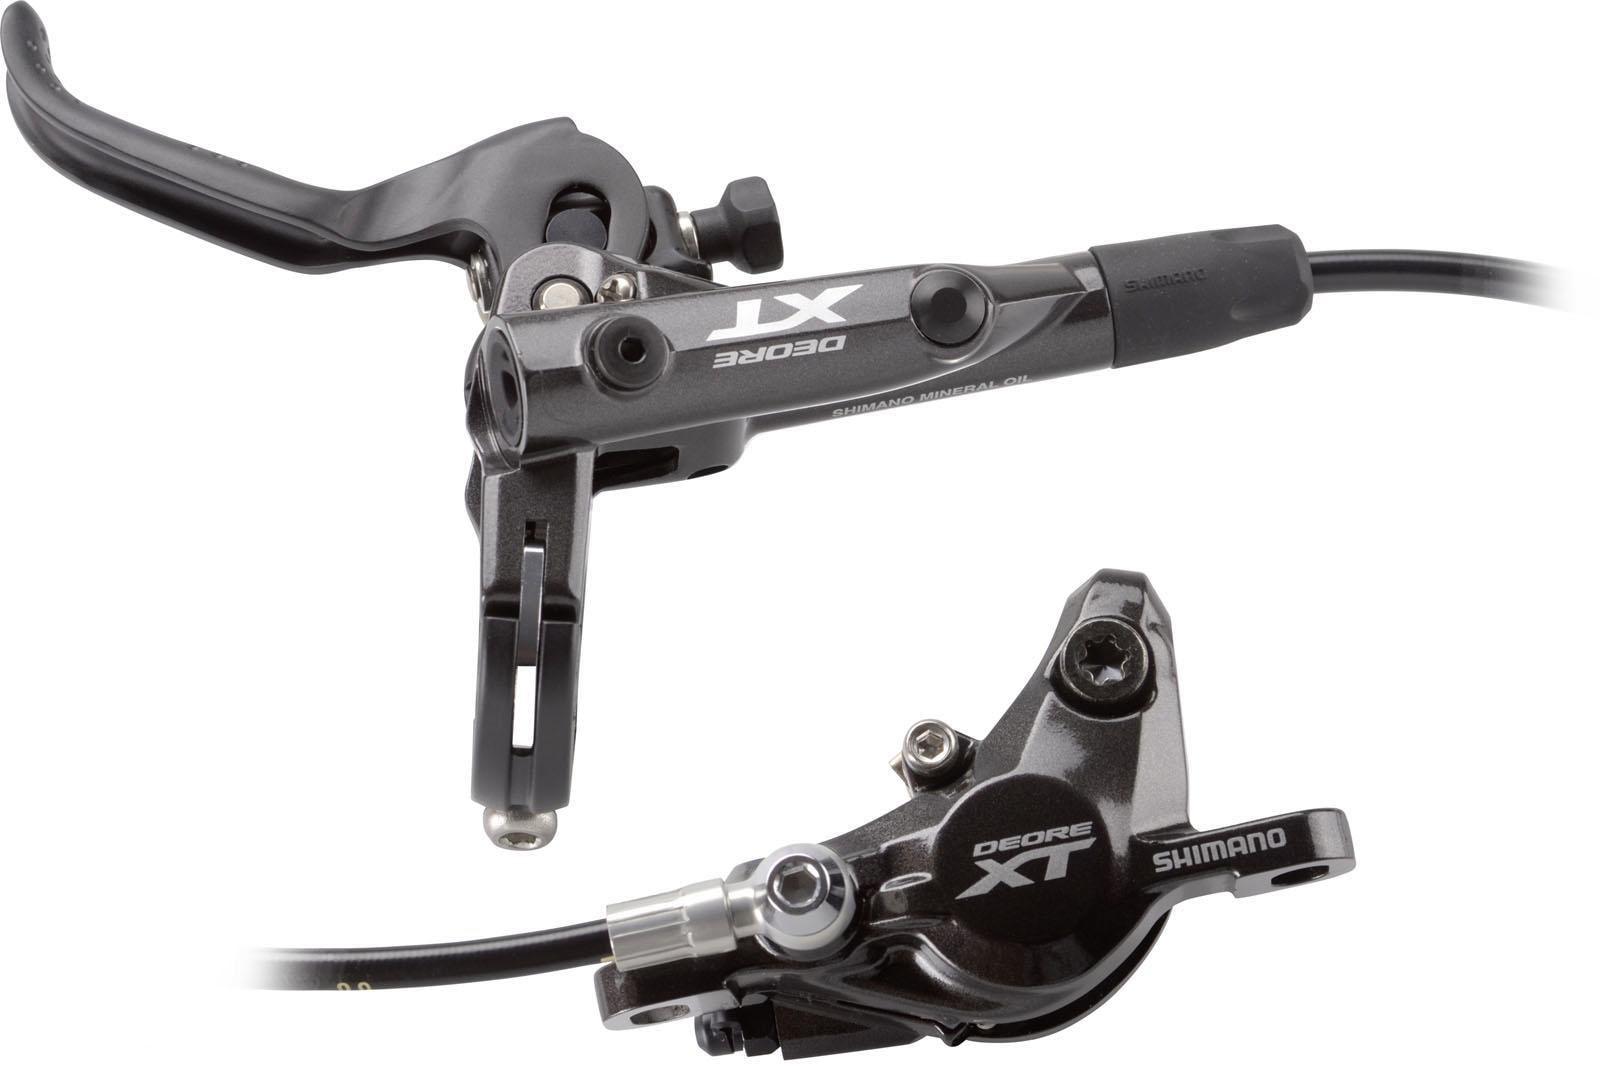 Shimano Bremsgriff M-8000 Technik & Freizeit/Sport & Freizeit/Fahrräder & Zubehör/Fahrradzubehör/Fahrradteile/Fahrradbremsen